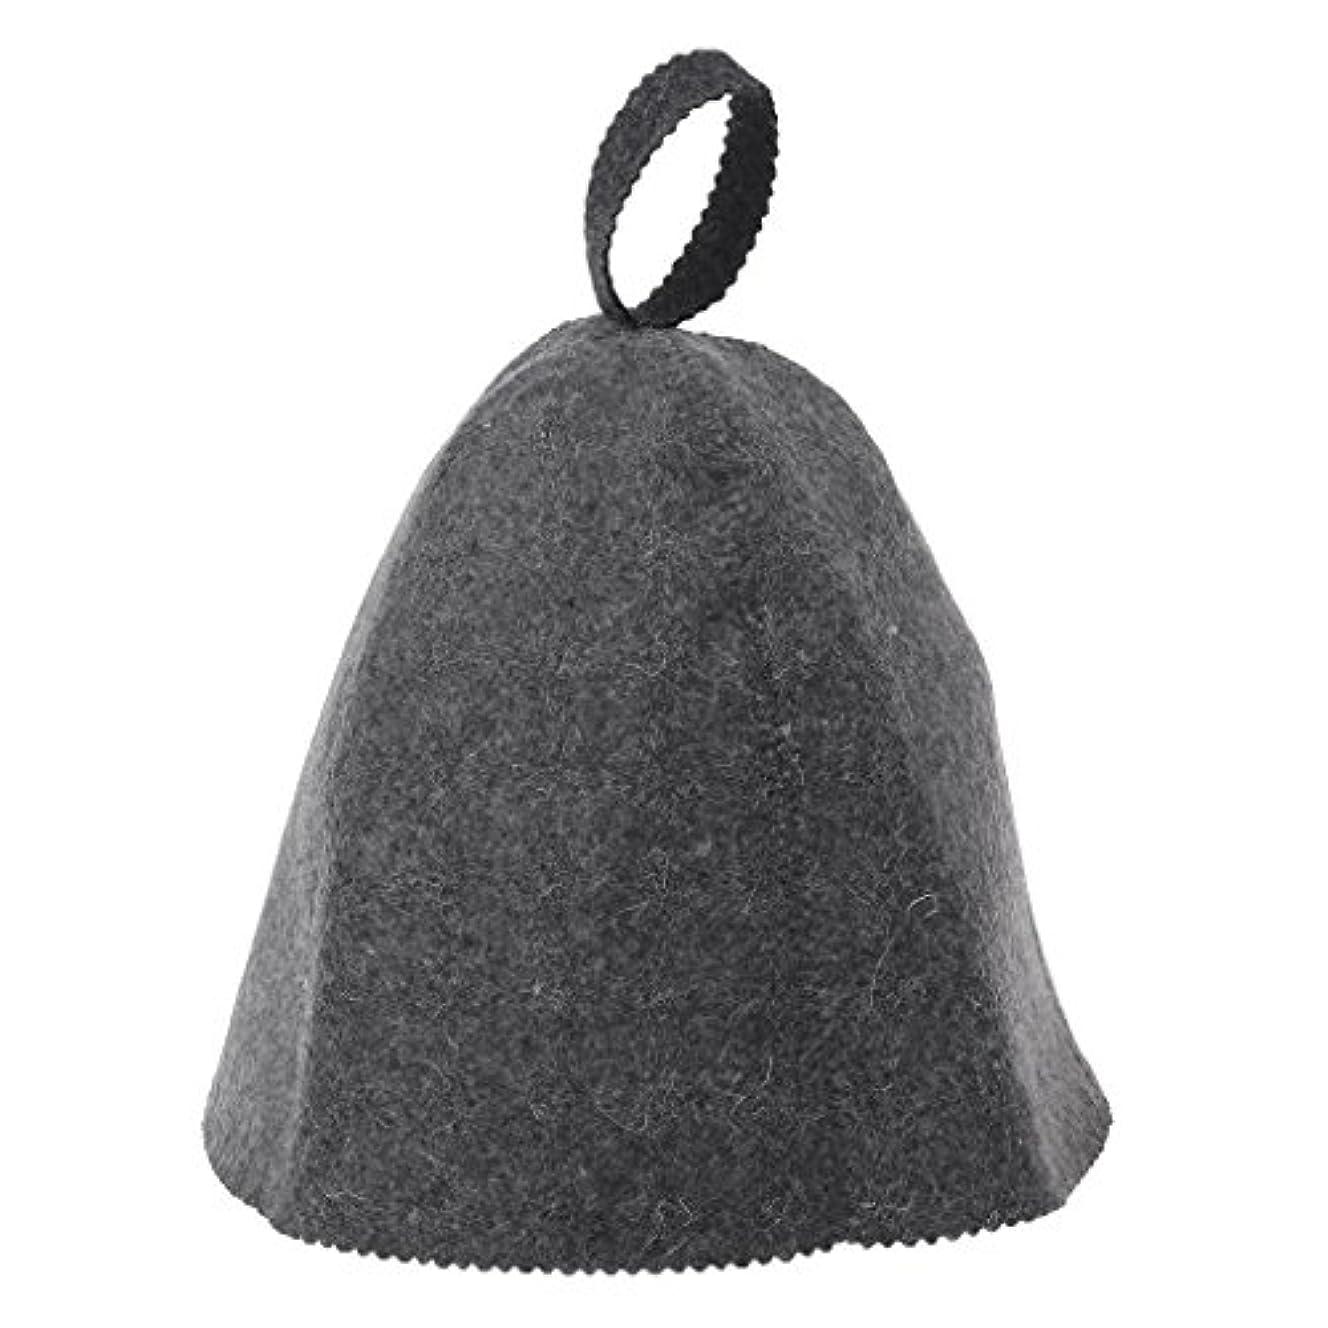 歌う期間君主制LANDUMのウールのフェルトのサウナの帽子、浴室の家の頭部の保護のための反熱ロシアのバニヤ帽子